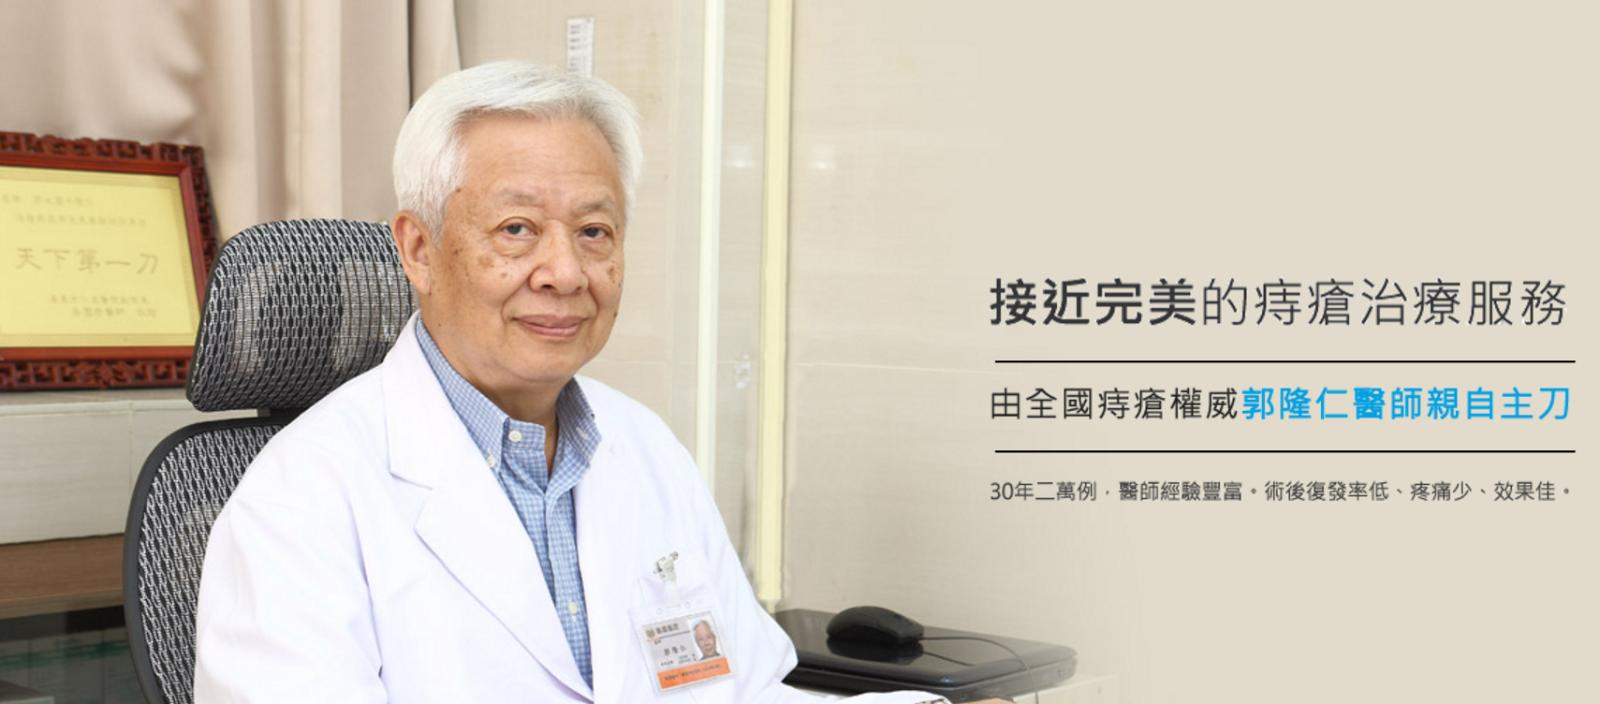 臺中博愛外科醫院的部落格: 三月 2016